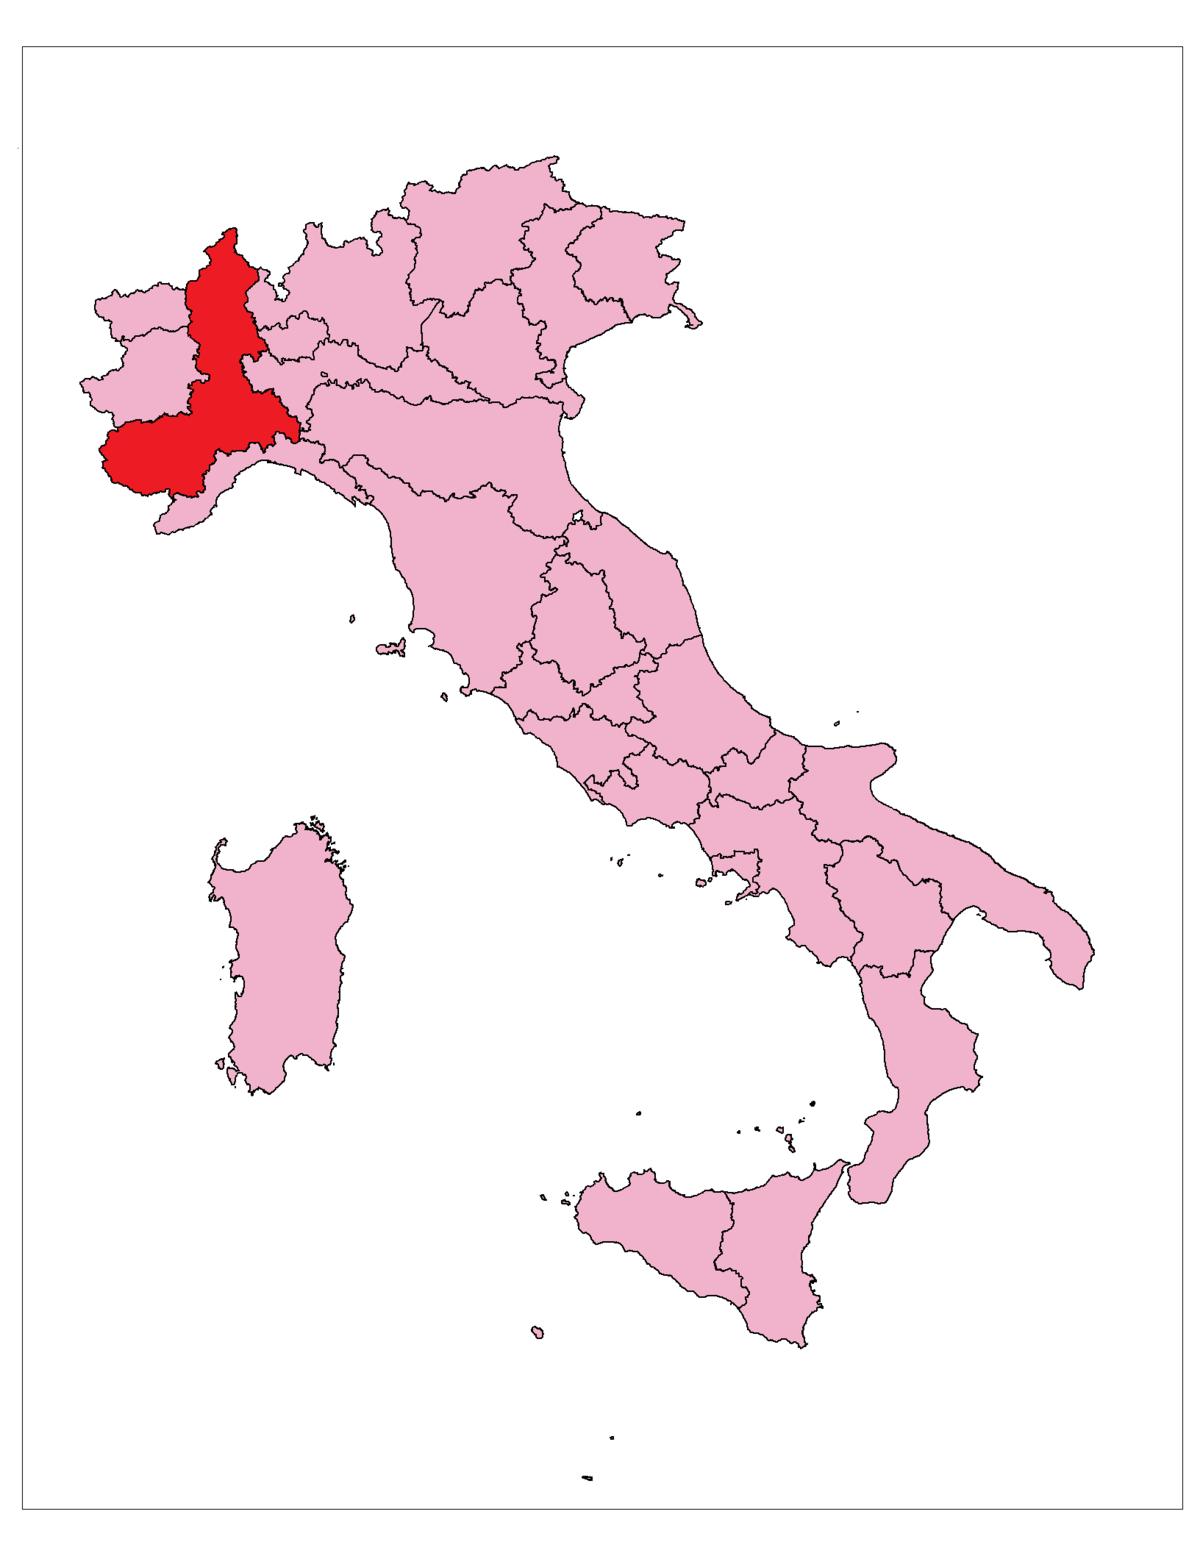 Circoscrizione piemonte 2 wikipedia for Numero deputati